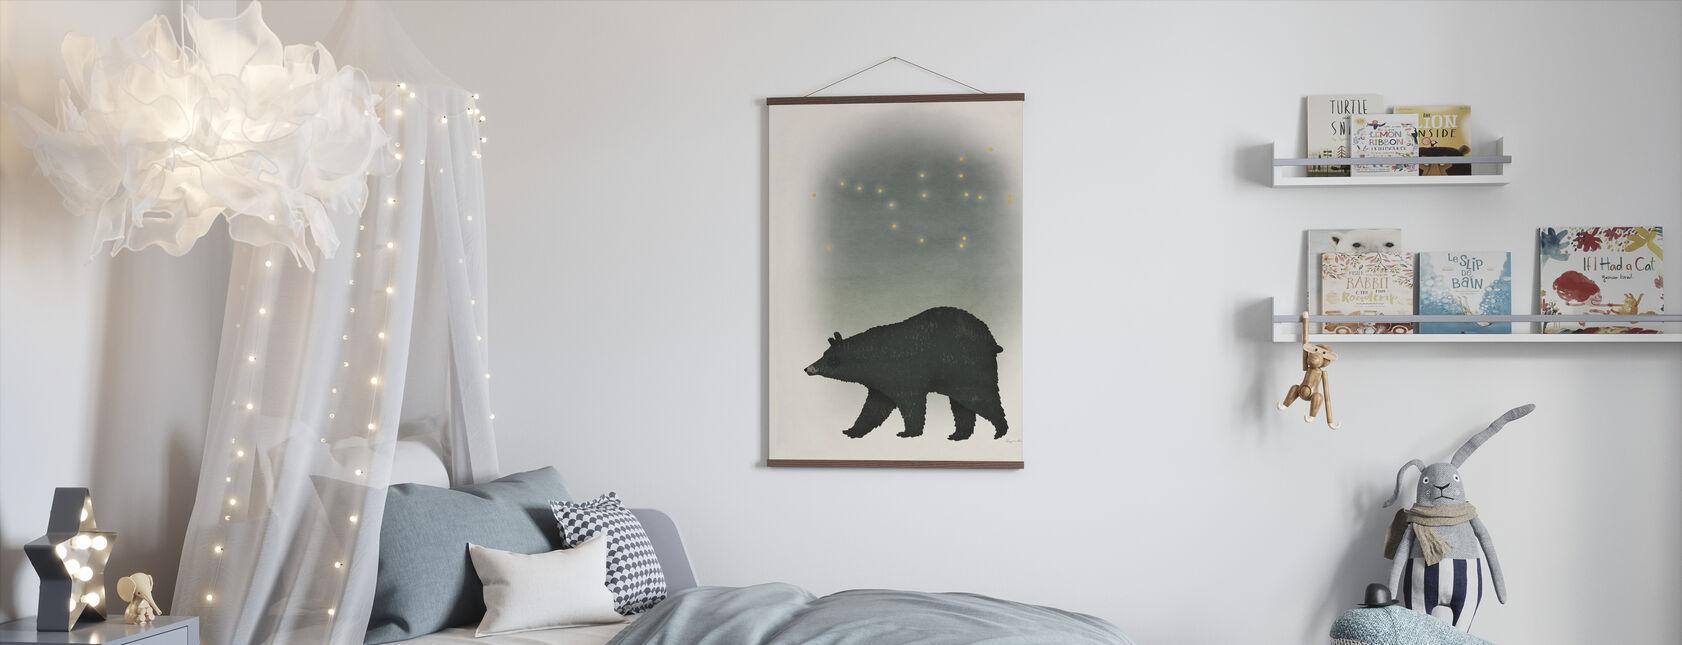 Ursa Major - Poster - Kids Room